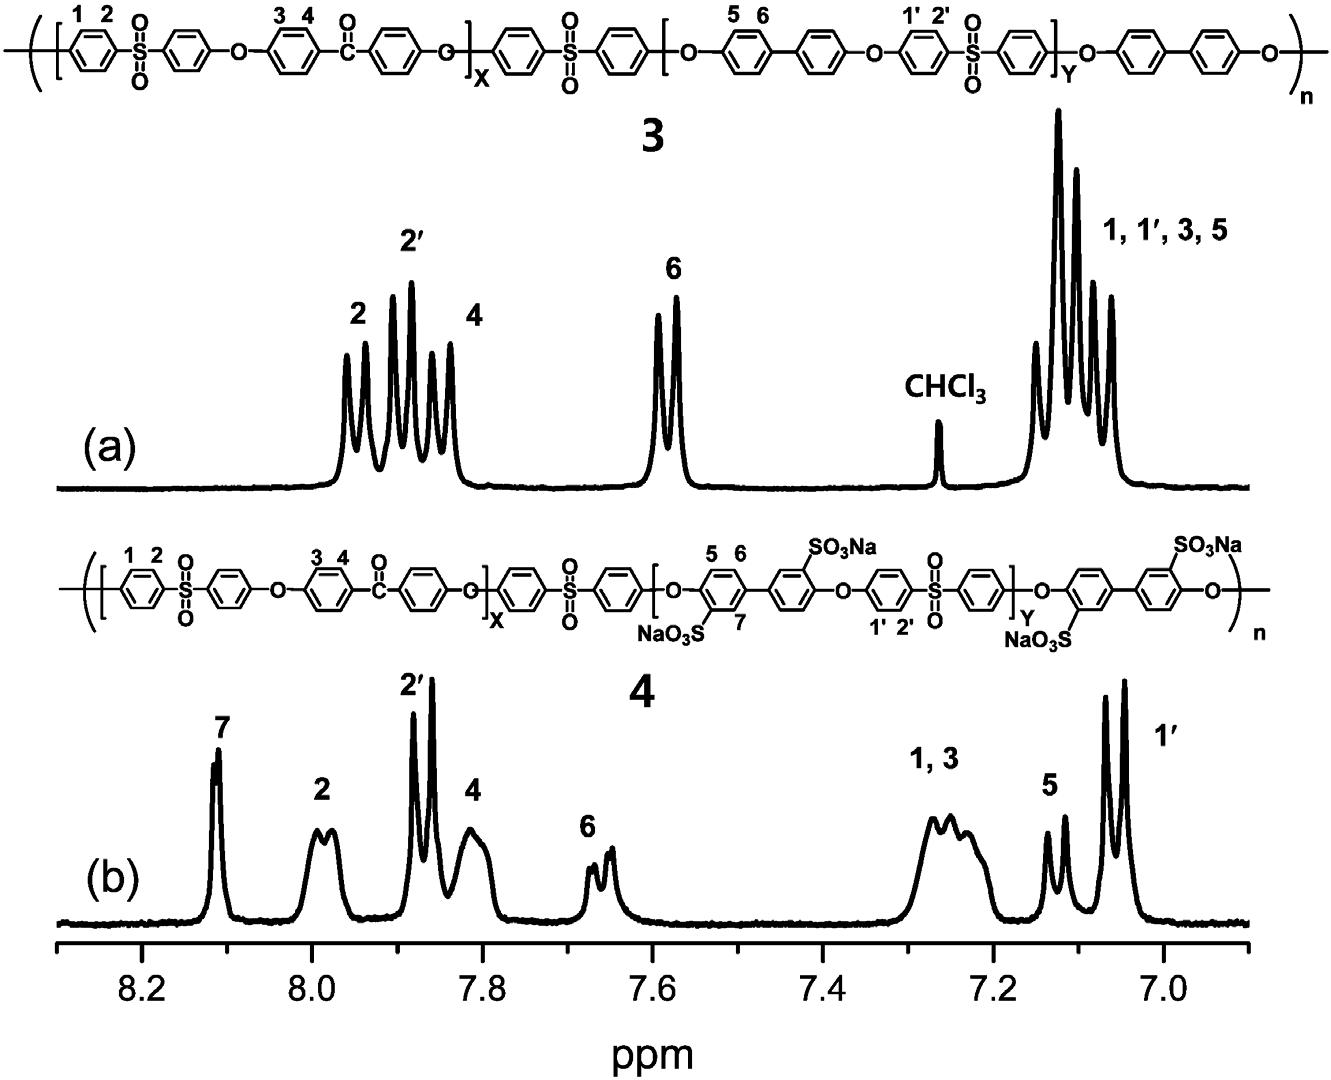 (a) 술폰산화 전, (b) 술폰산화 후의 멀티블록고분자의 1H NMR 결과